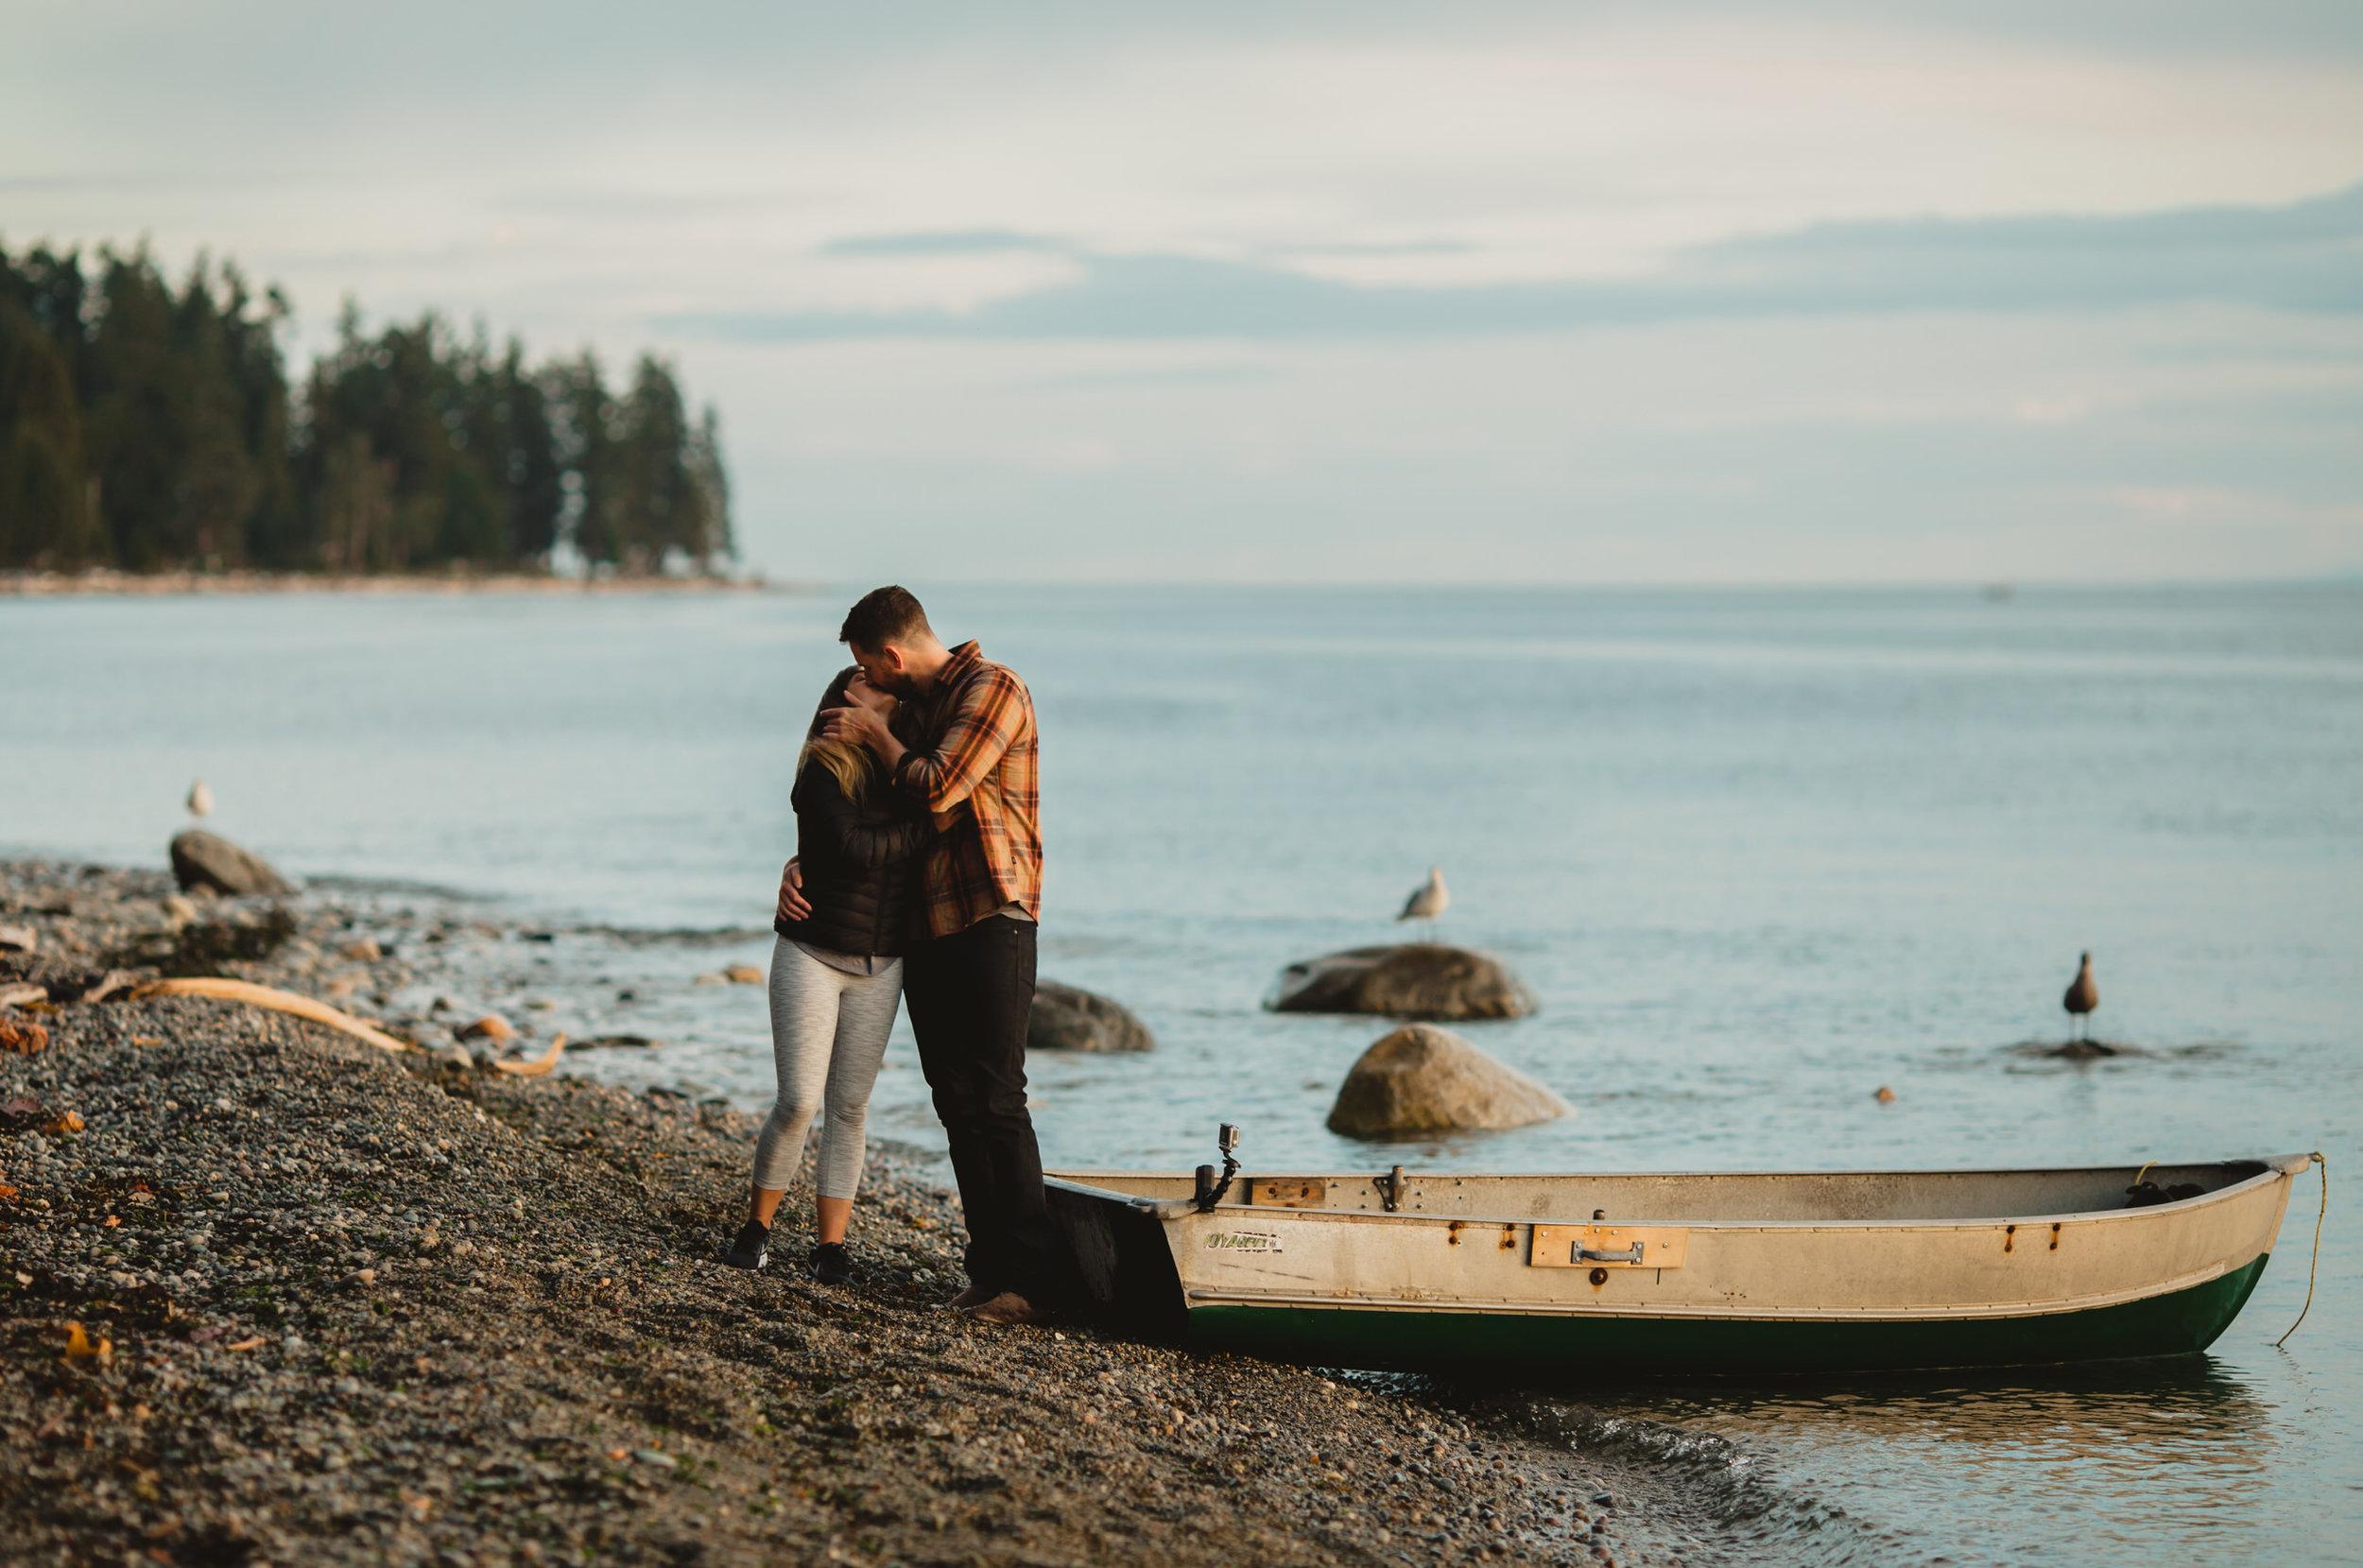 Sunshine Coast Proposal Photos - Sunshine Coast Engagement Photos - Sunshine Coast Wedding Photographer - Vancovuer Wedding Photographer - Jennifer Picard Photography - IMG_5225.jpg